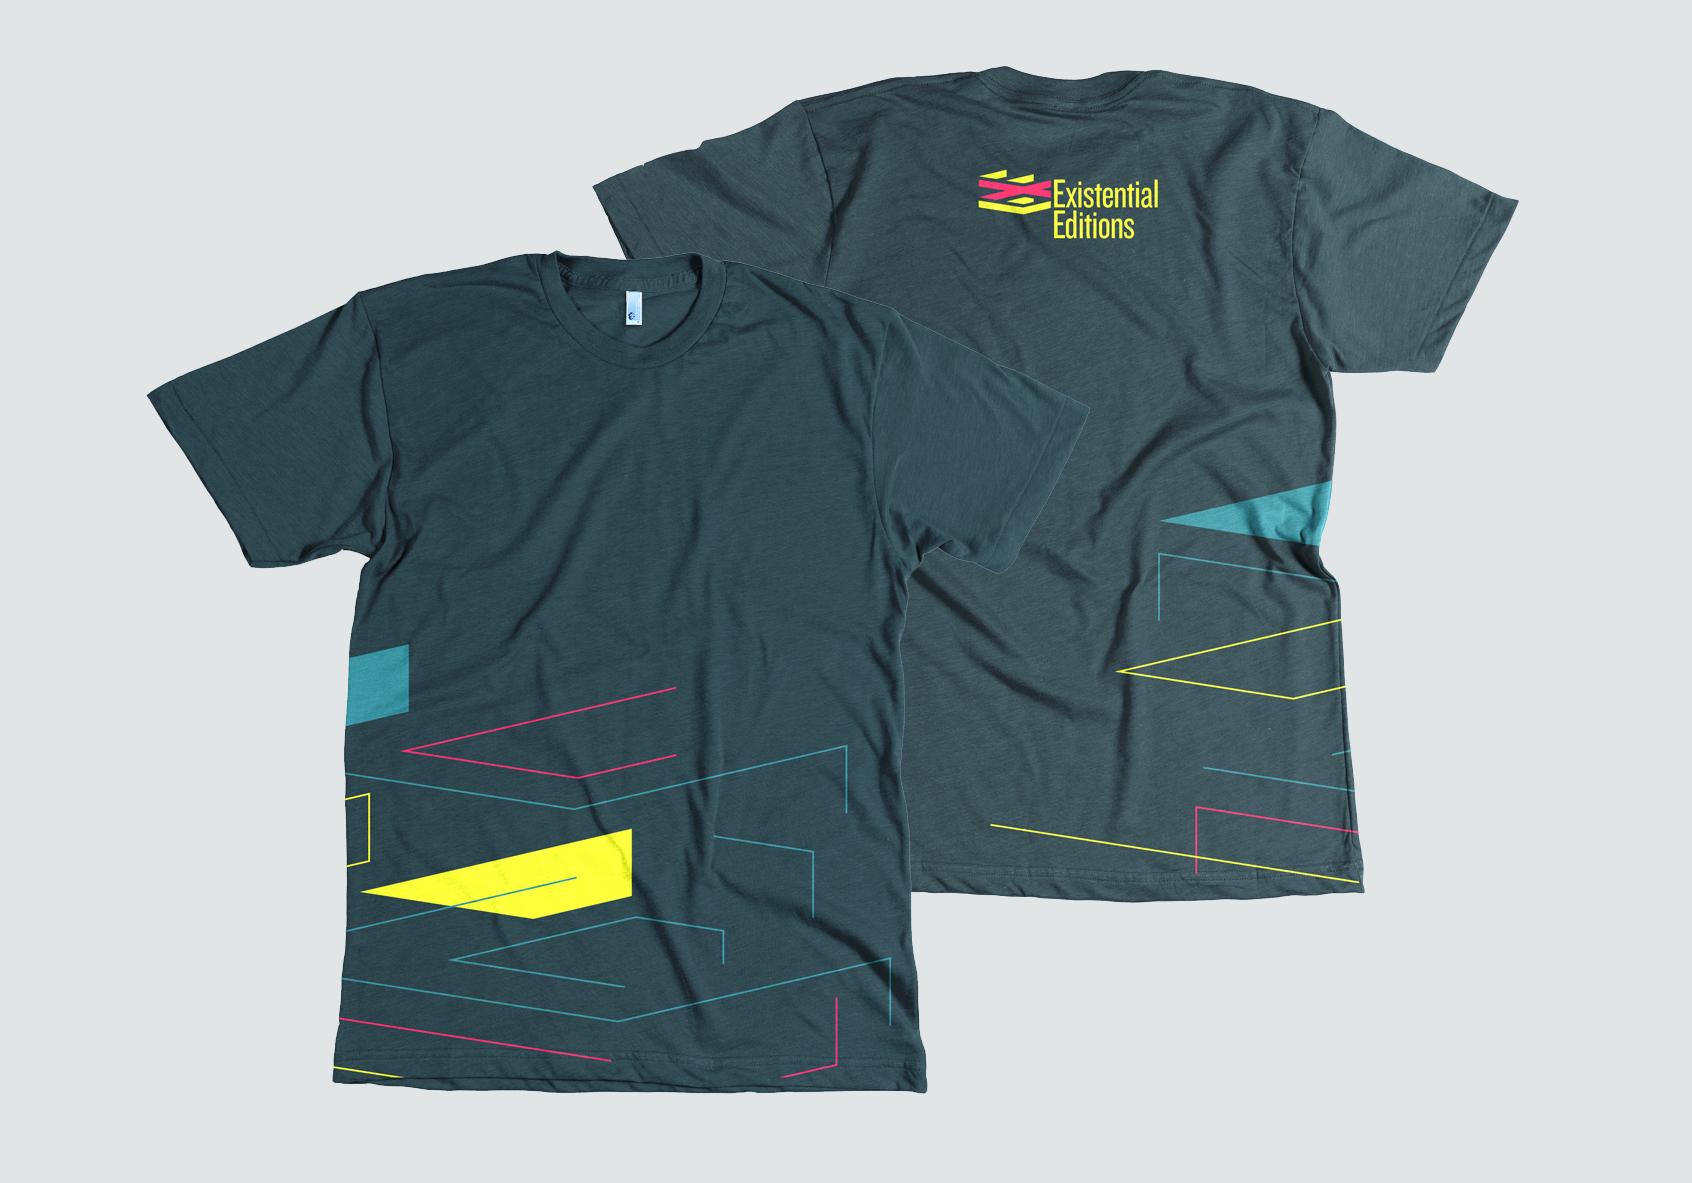 ee-tshirt.jpg